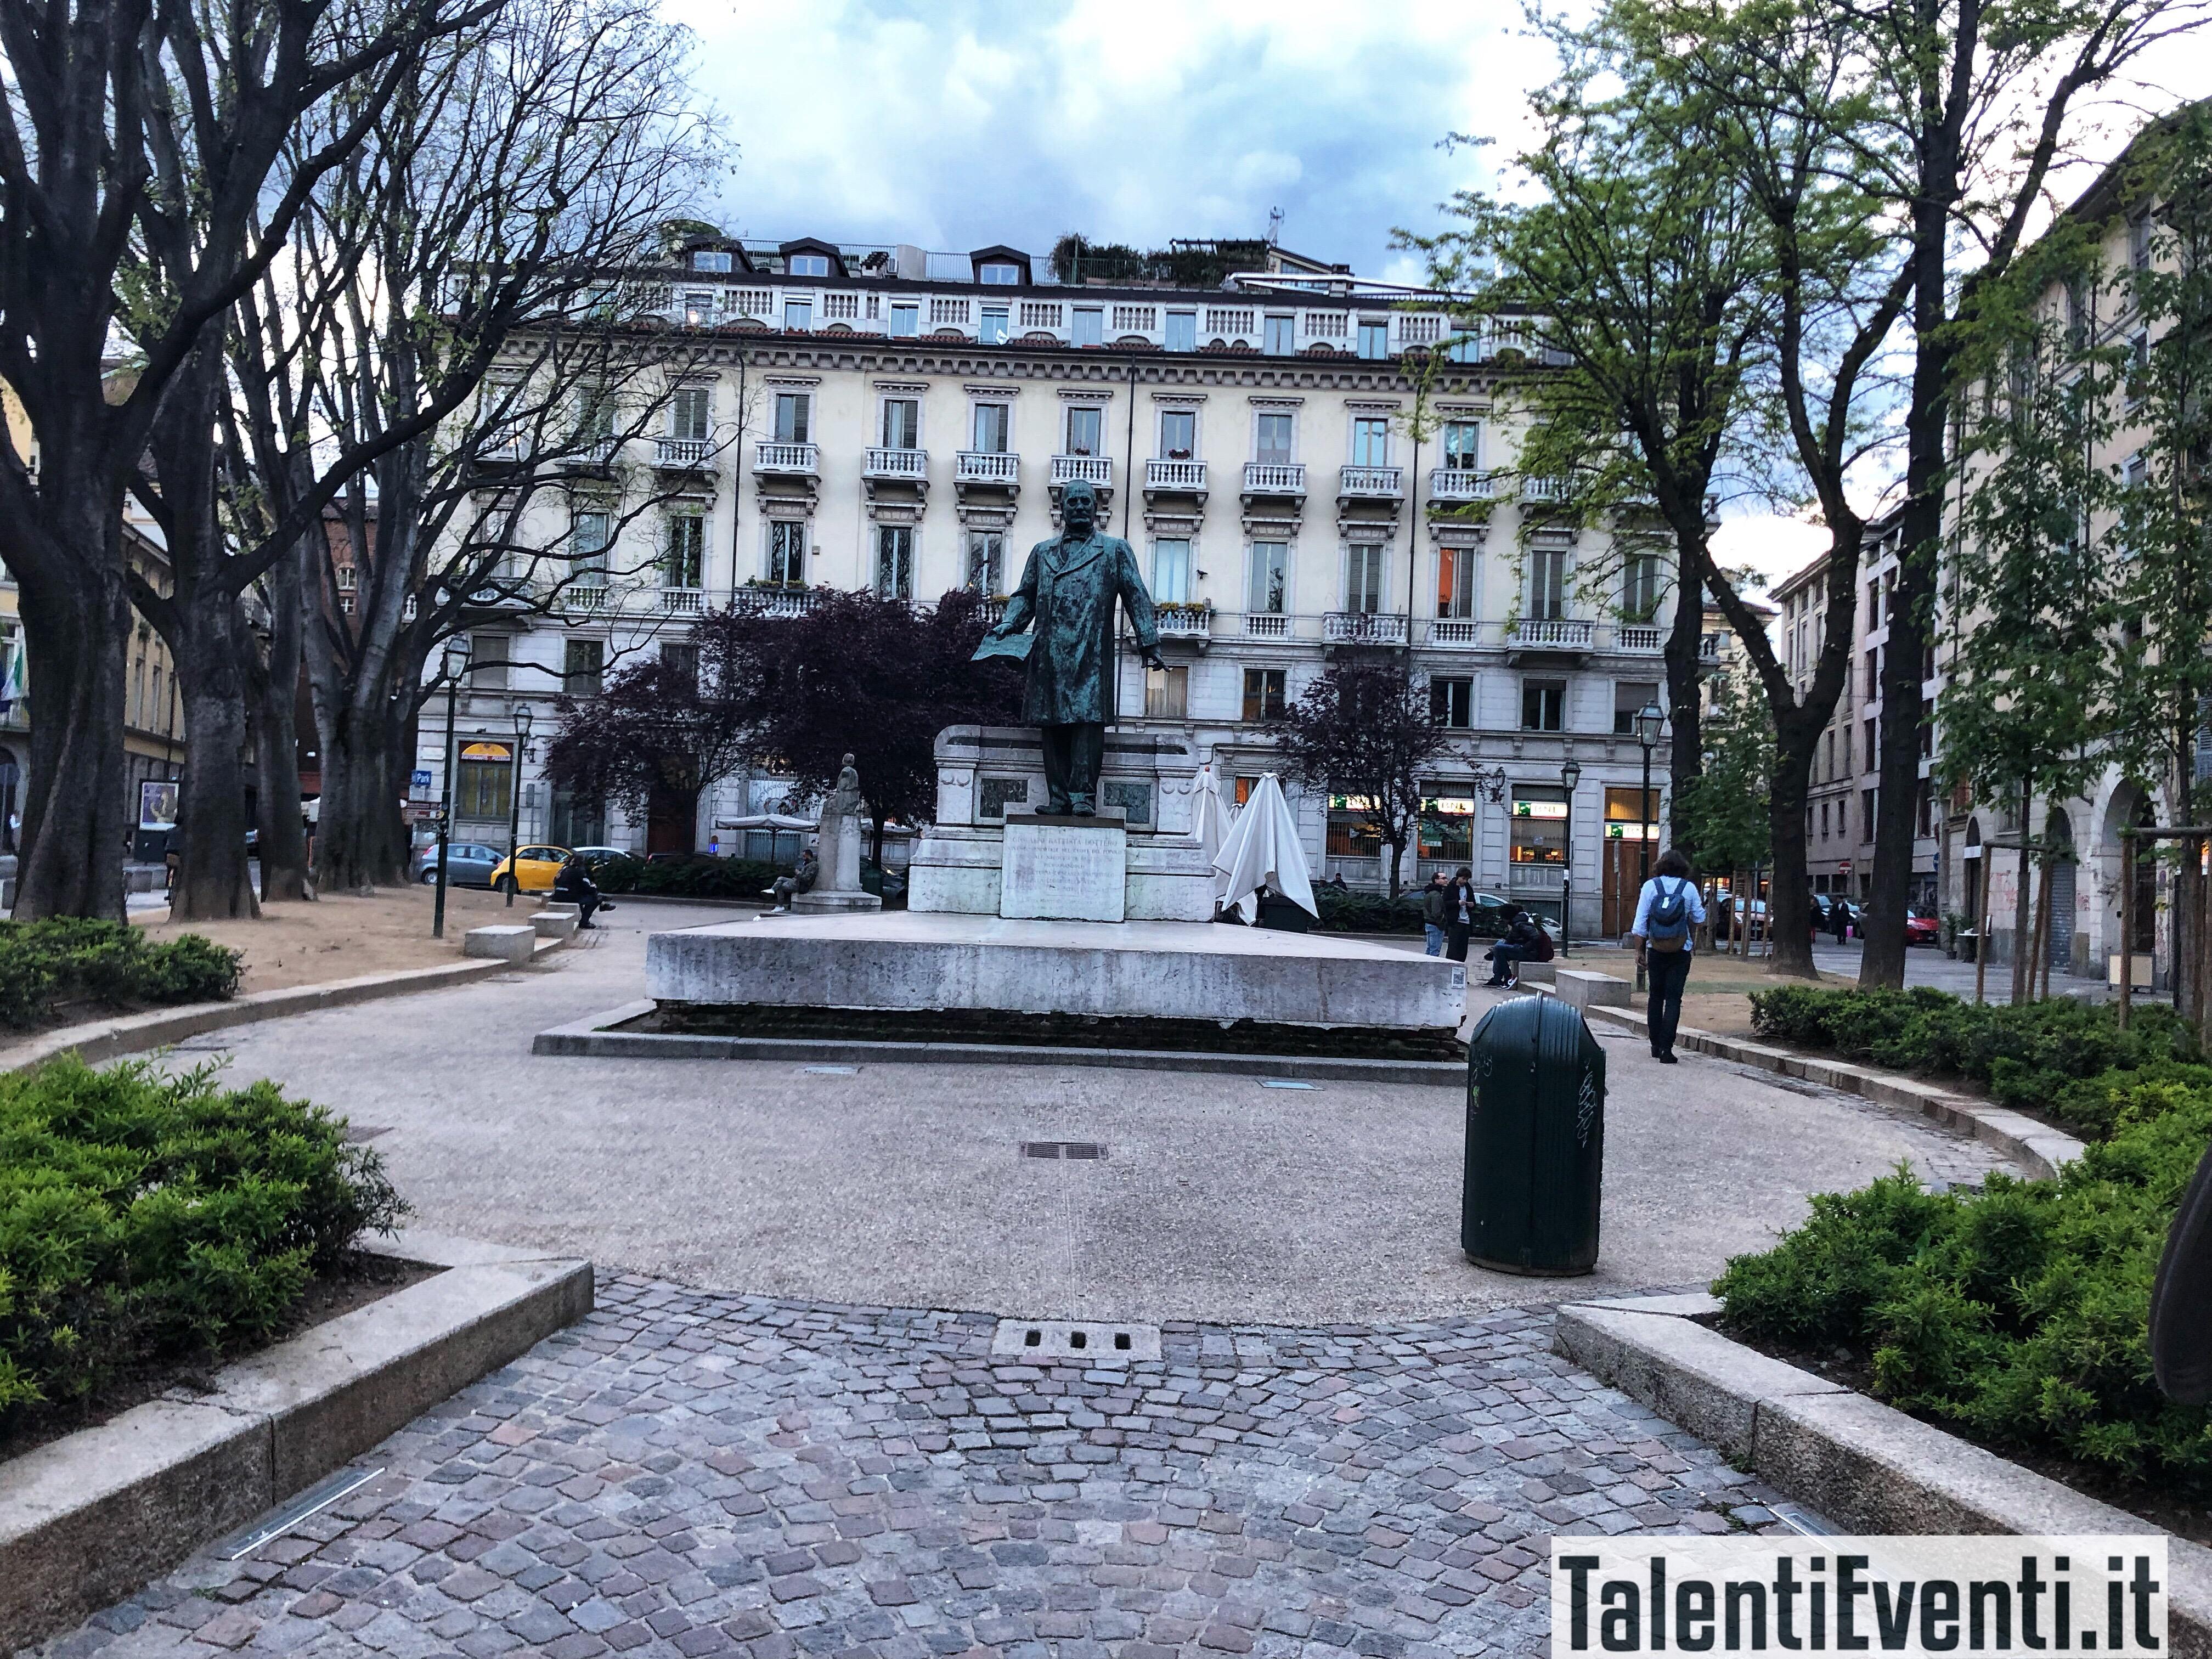 talenti_eventi_stabat_mater_edifici_sacri_torino_compagnia_san_paolo_23